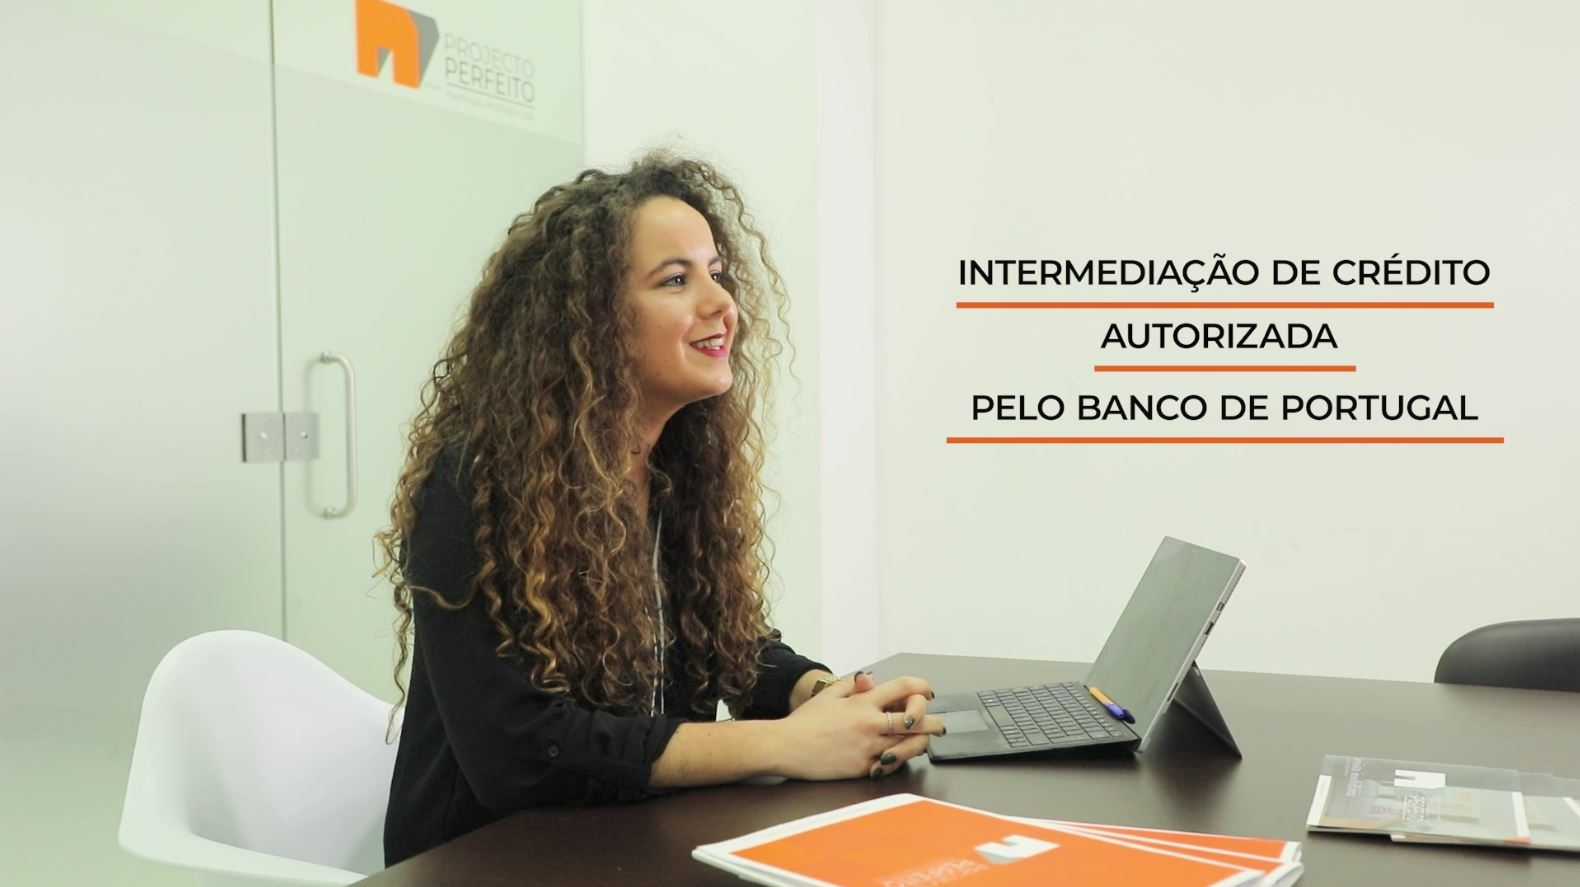 Empresa de Intermediação de Crédito Autorizada pelo Banco de Portugal